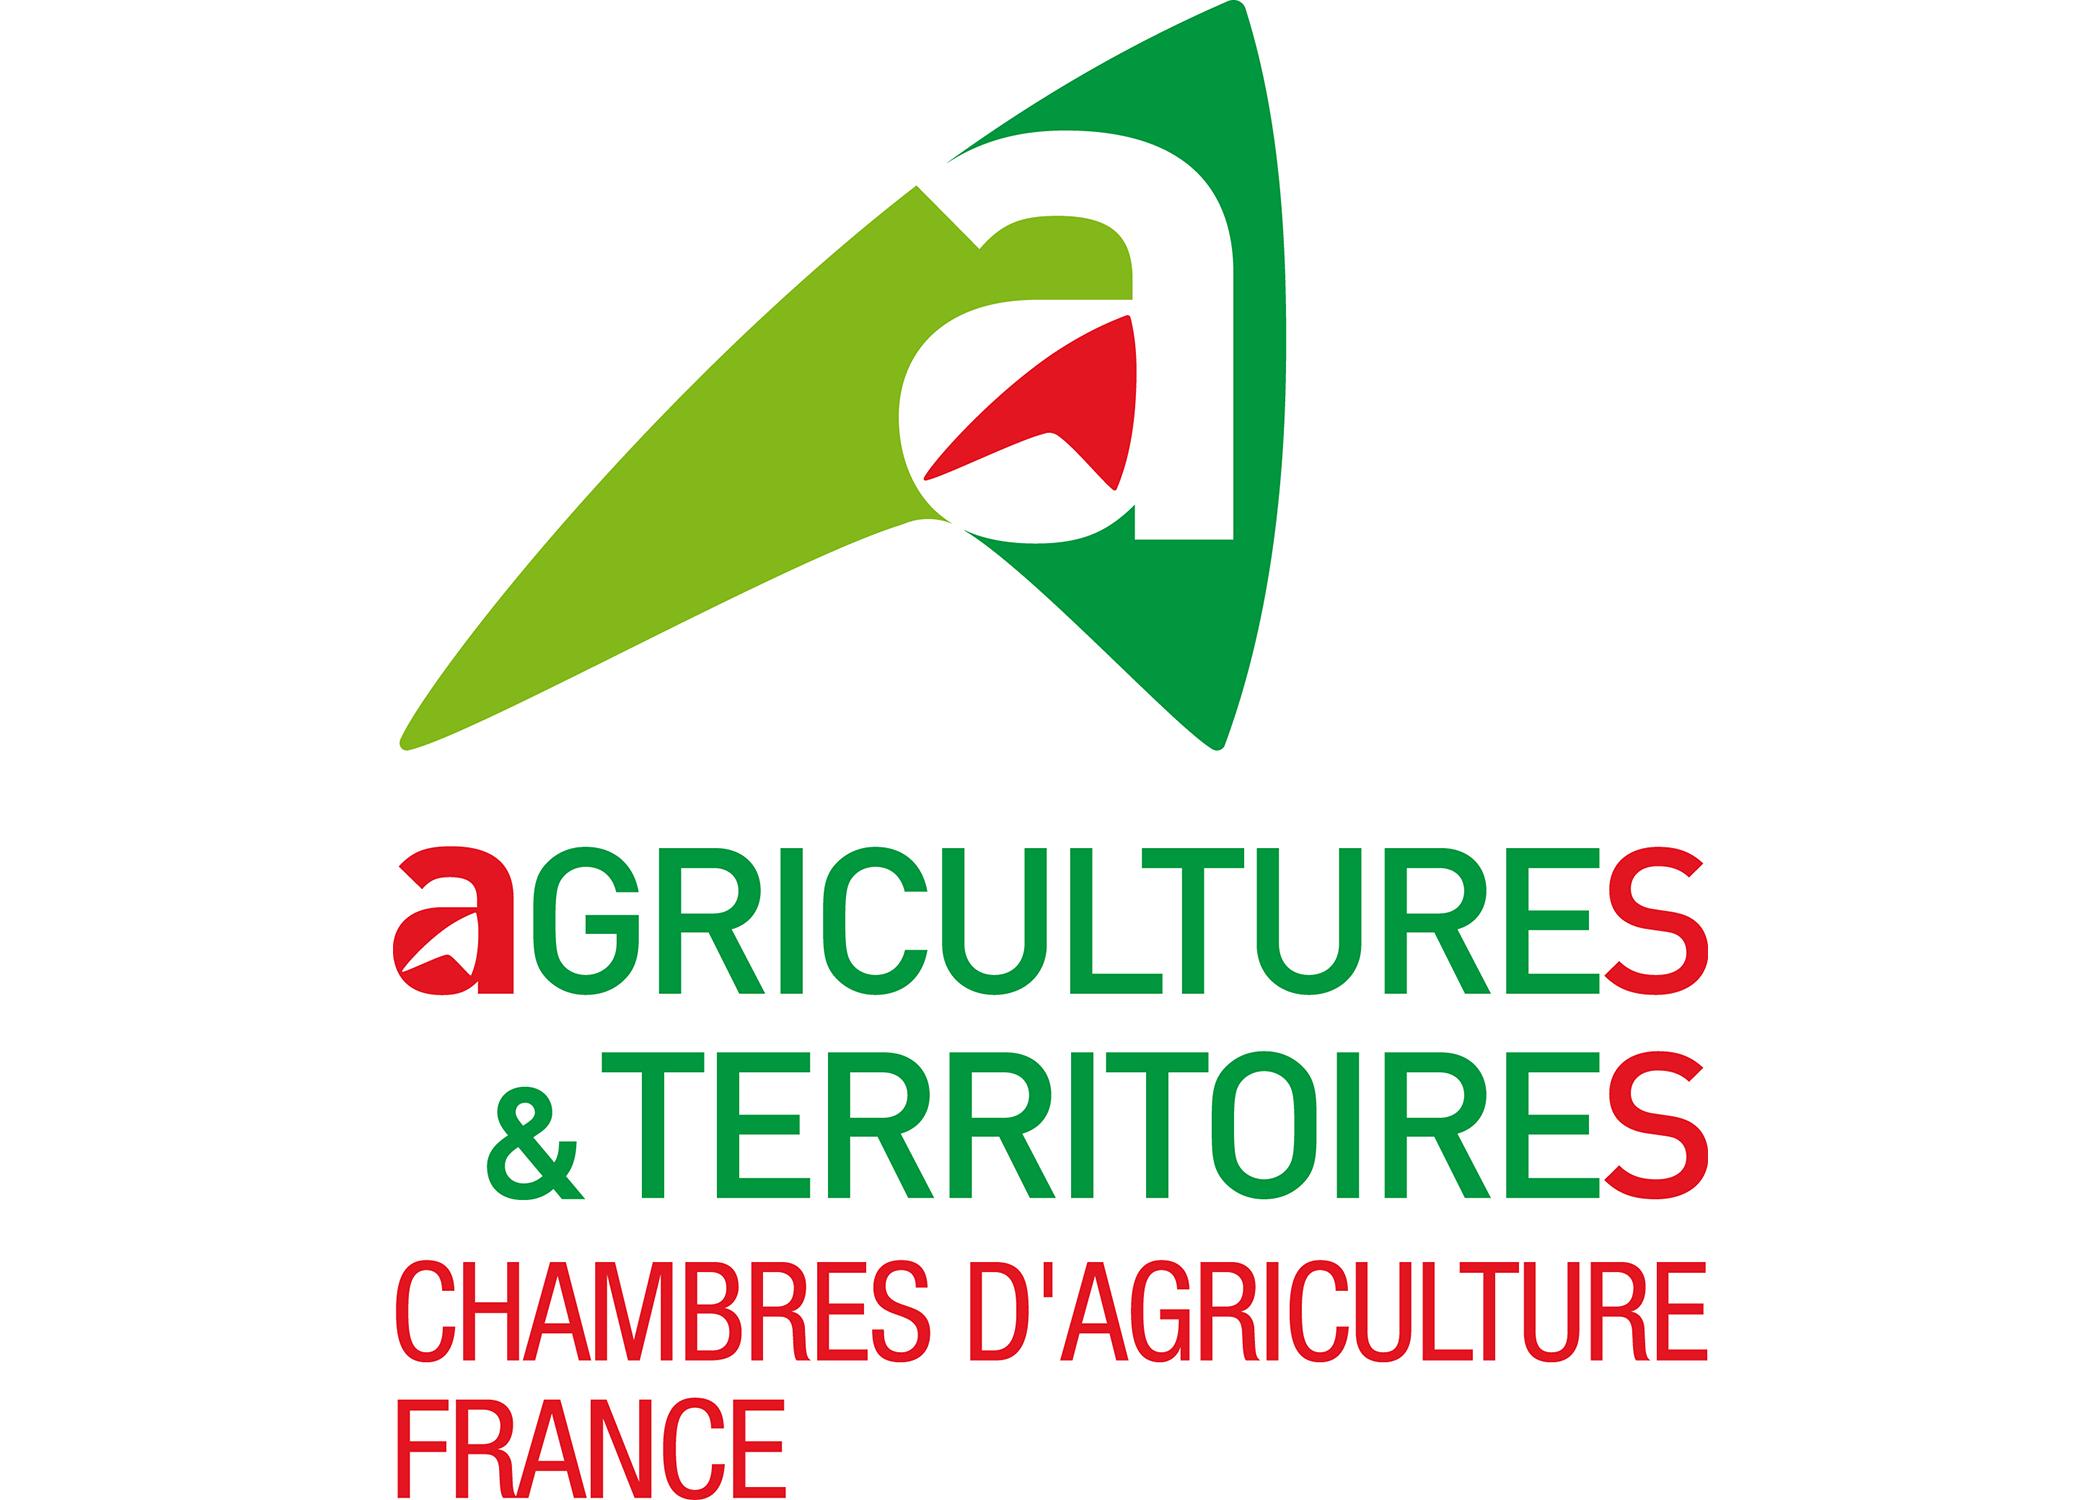 Agricultures & Territoires